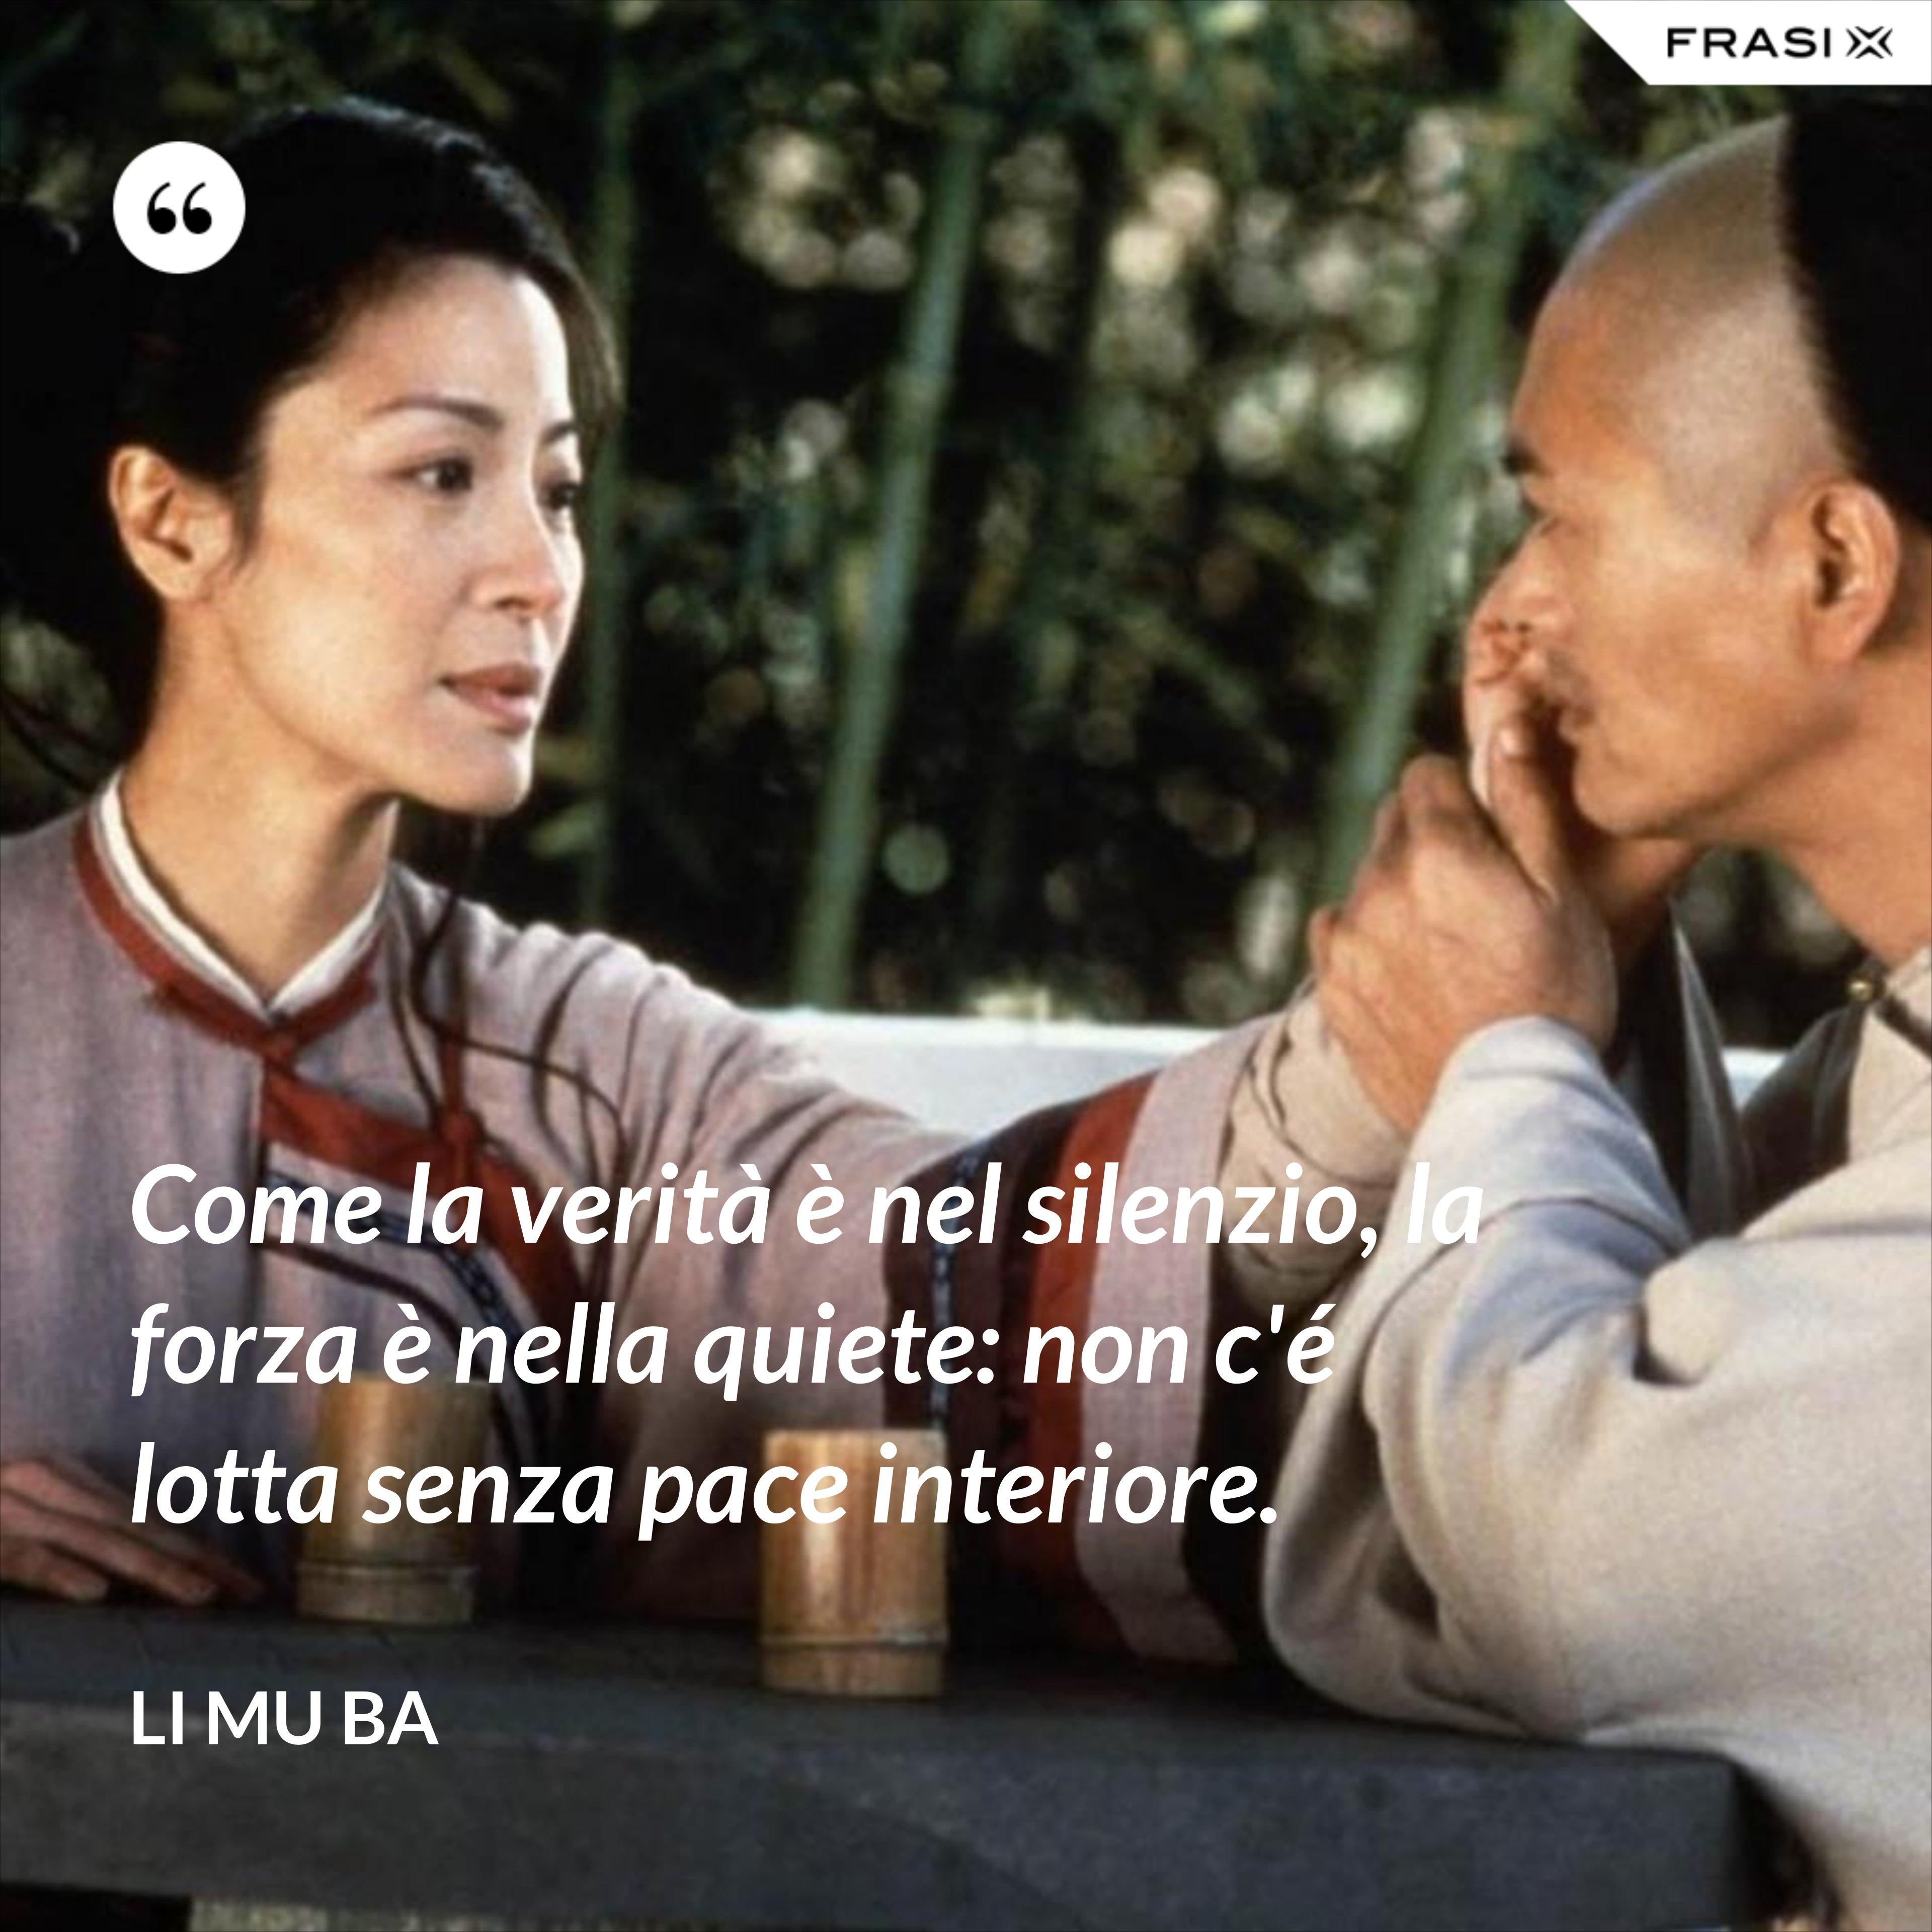 Come la verità è nel silenzio, la forza è nella quiete: non c'é lotta senza pace interiore. - Li Mu Ba